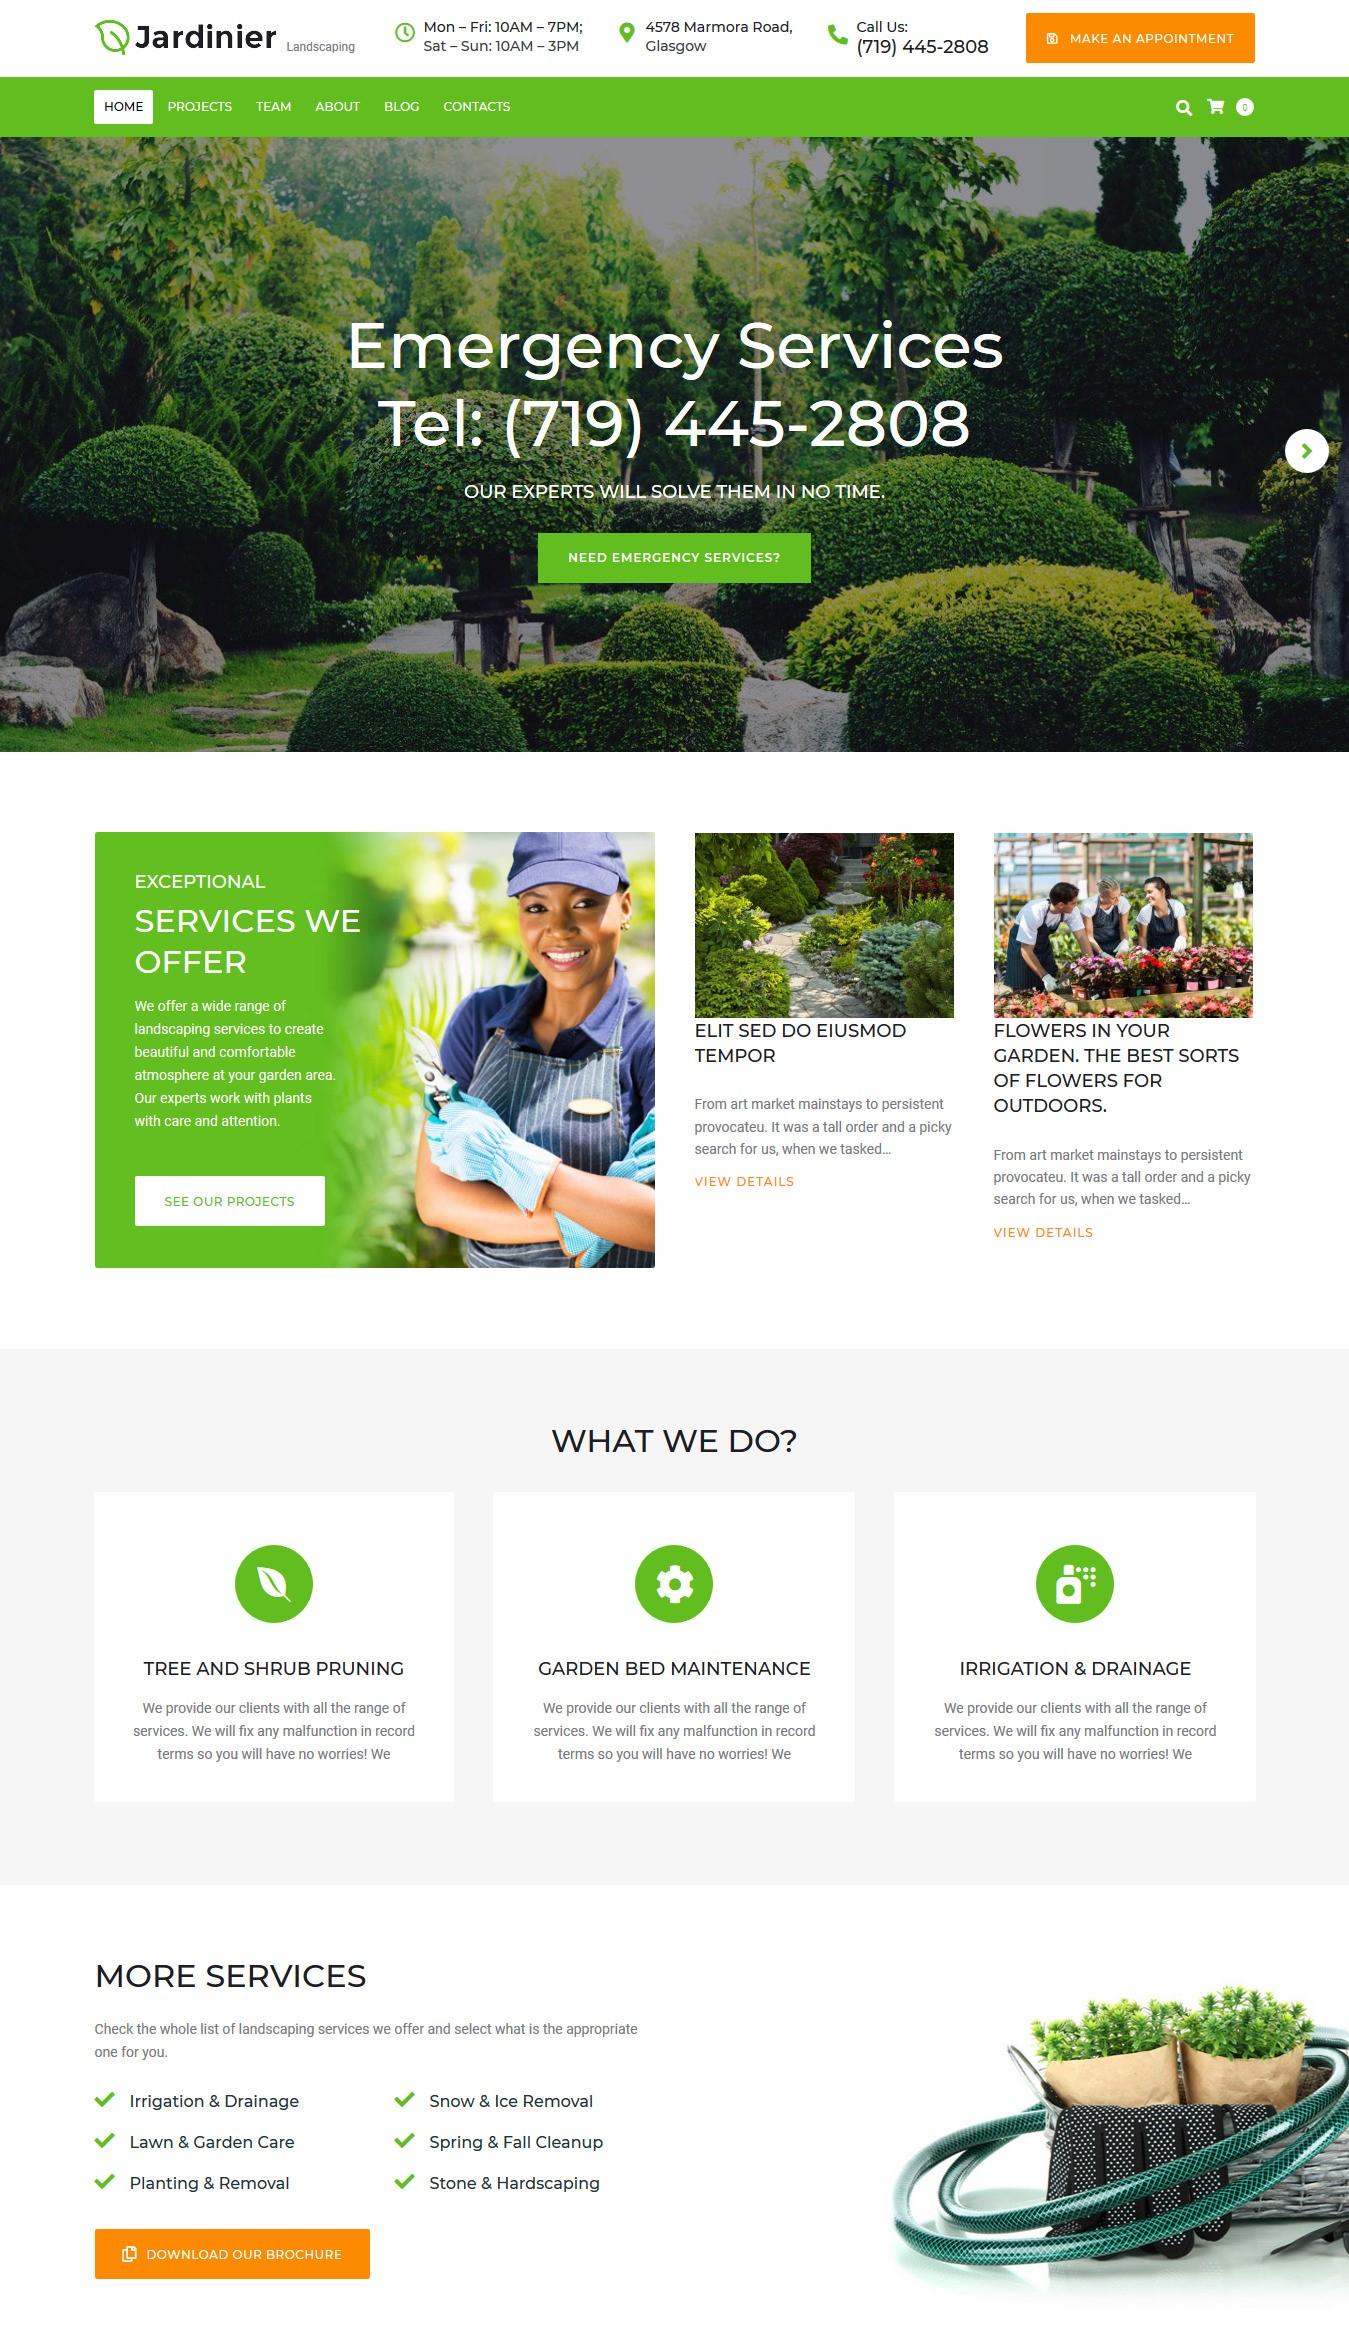 jardinier premium wordpress theme 01 - Jardinier Premium WordPress Theme